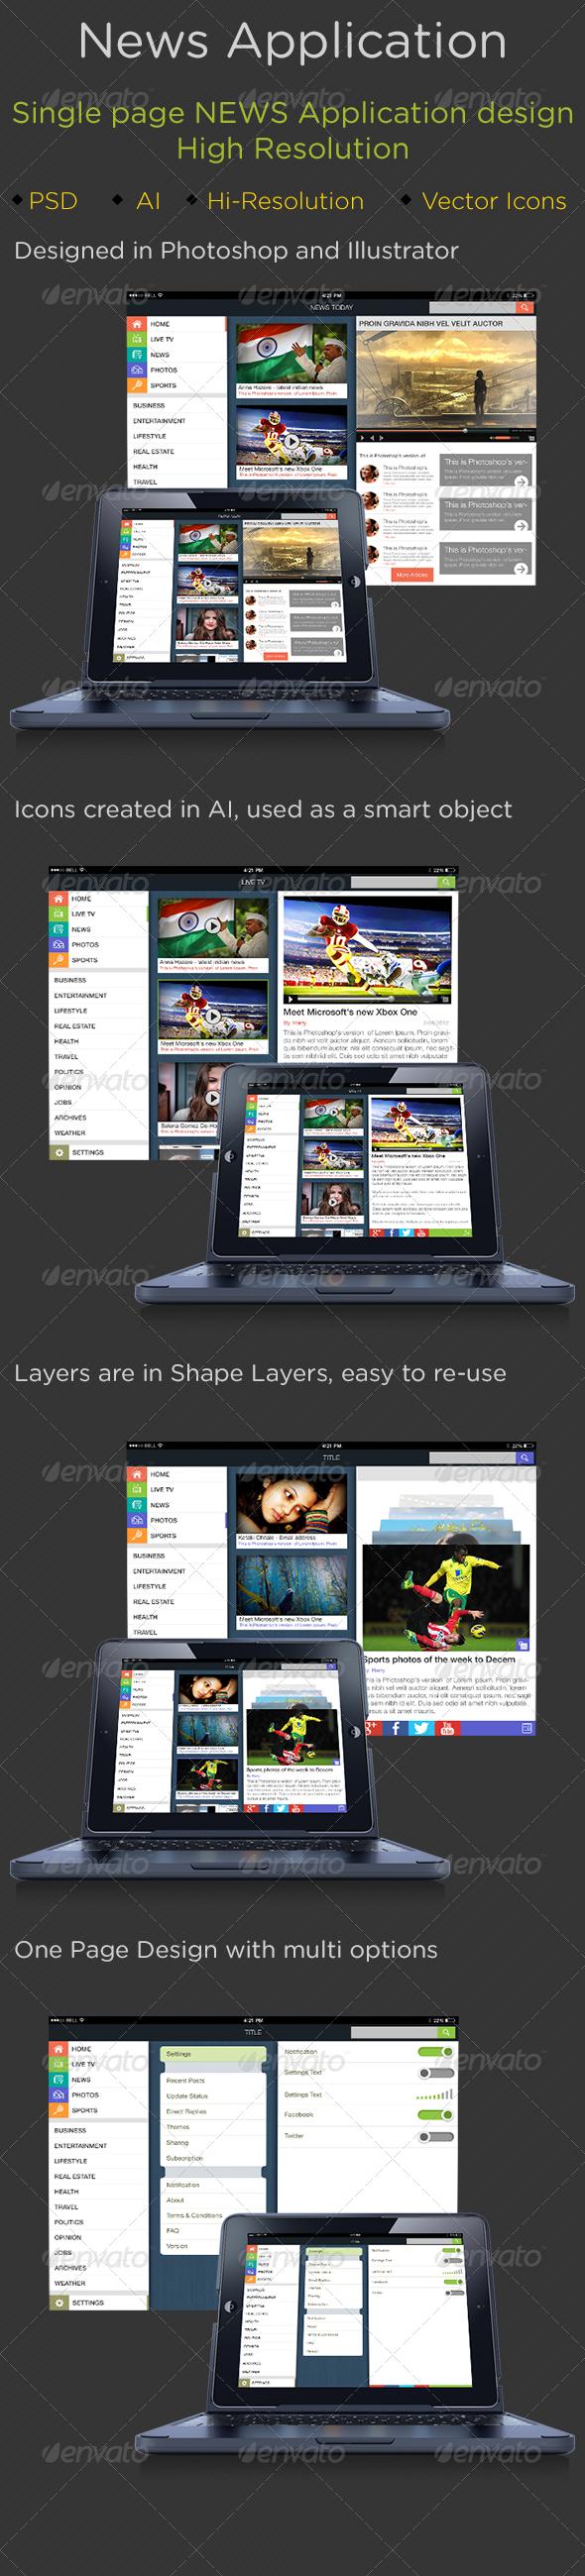 GraphicRiver News Application 5584117